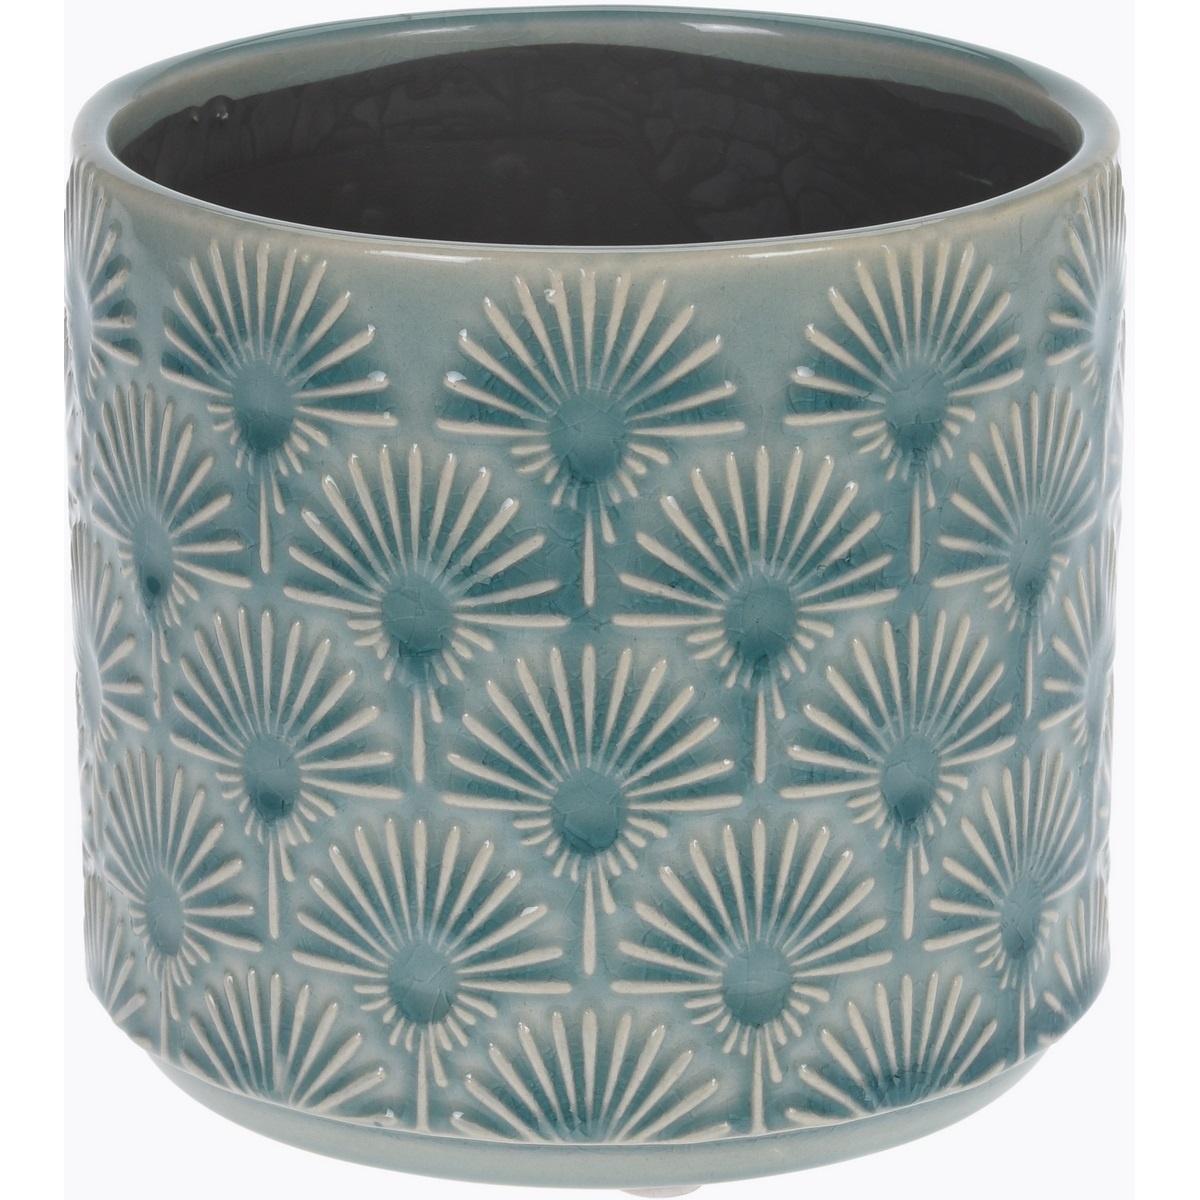 Keramický obal na květináč Campello modrá, pr. 13 cm